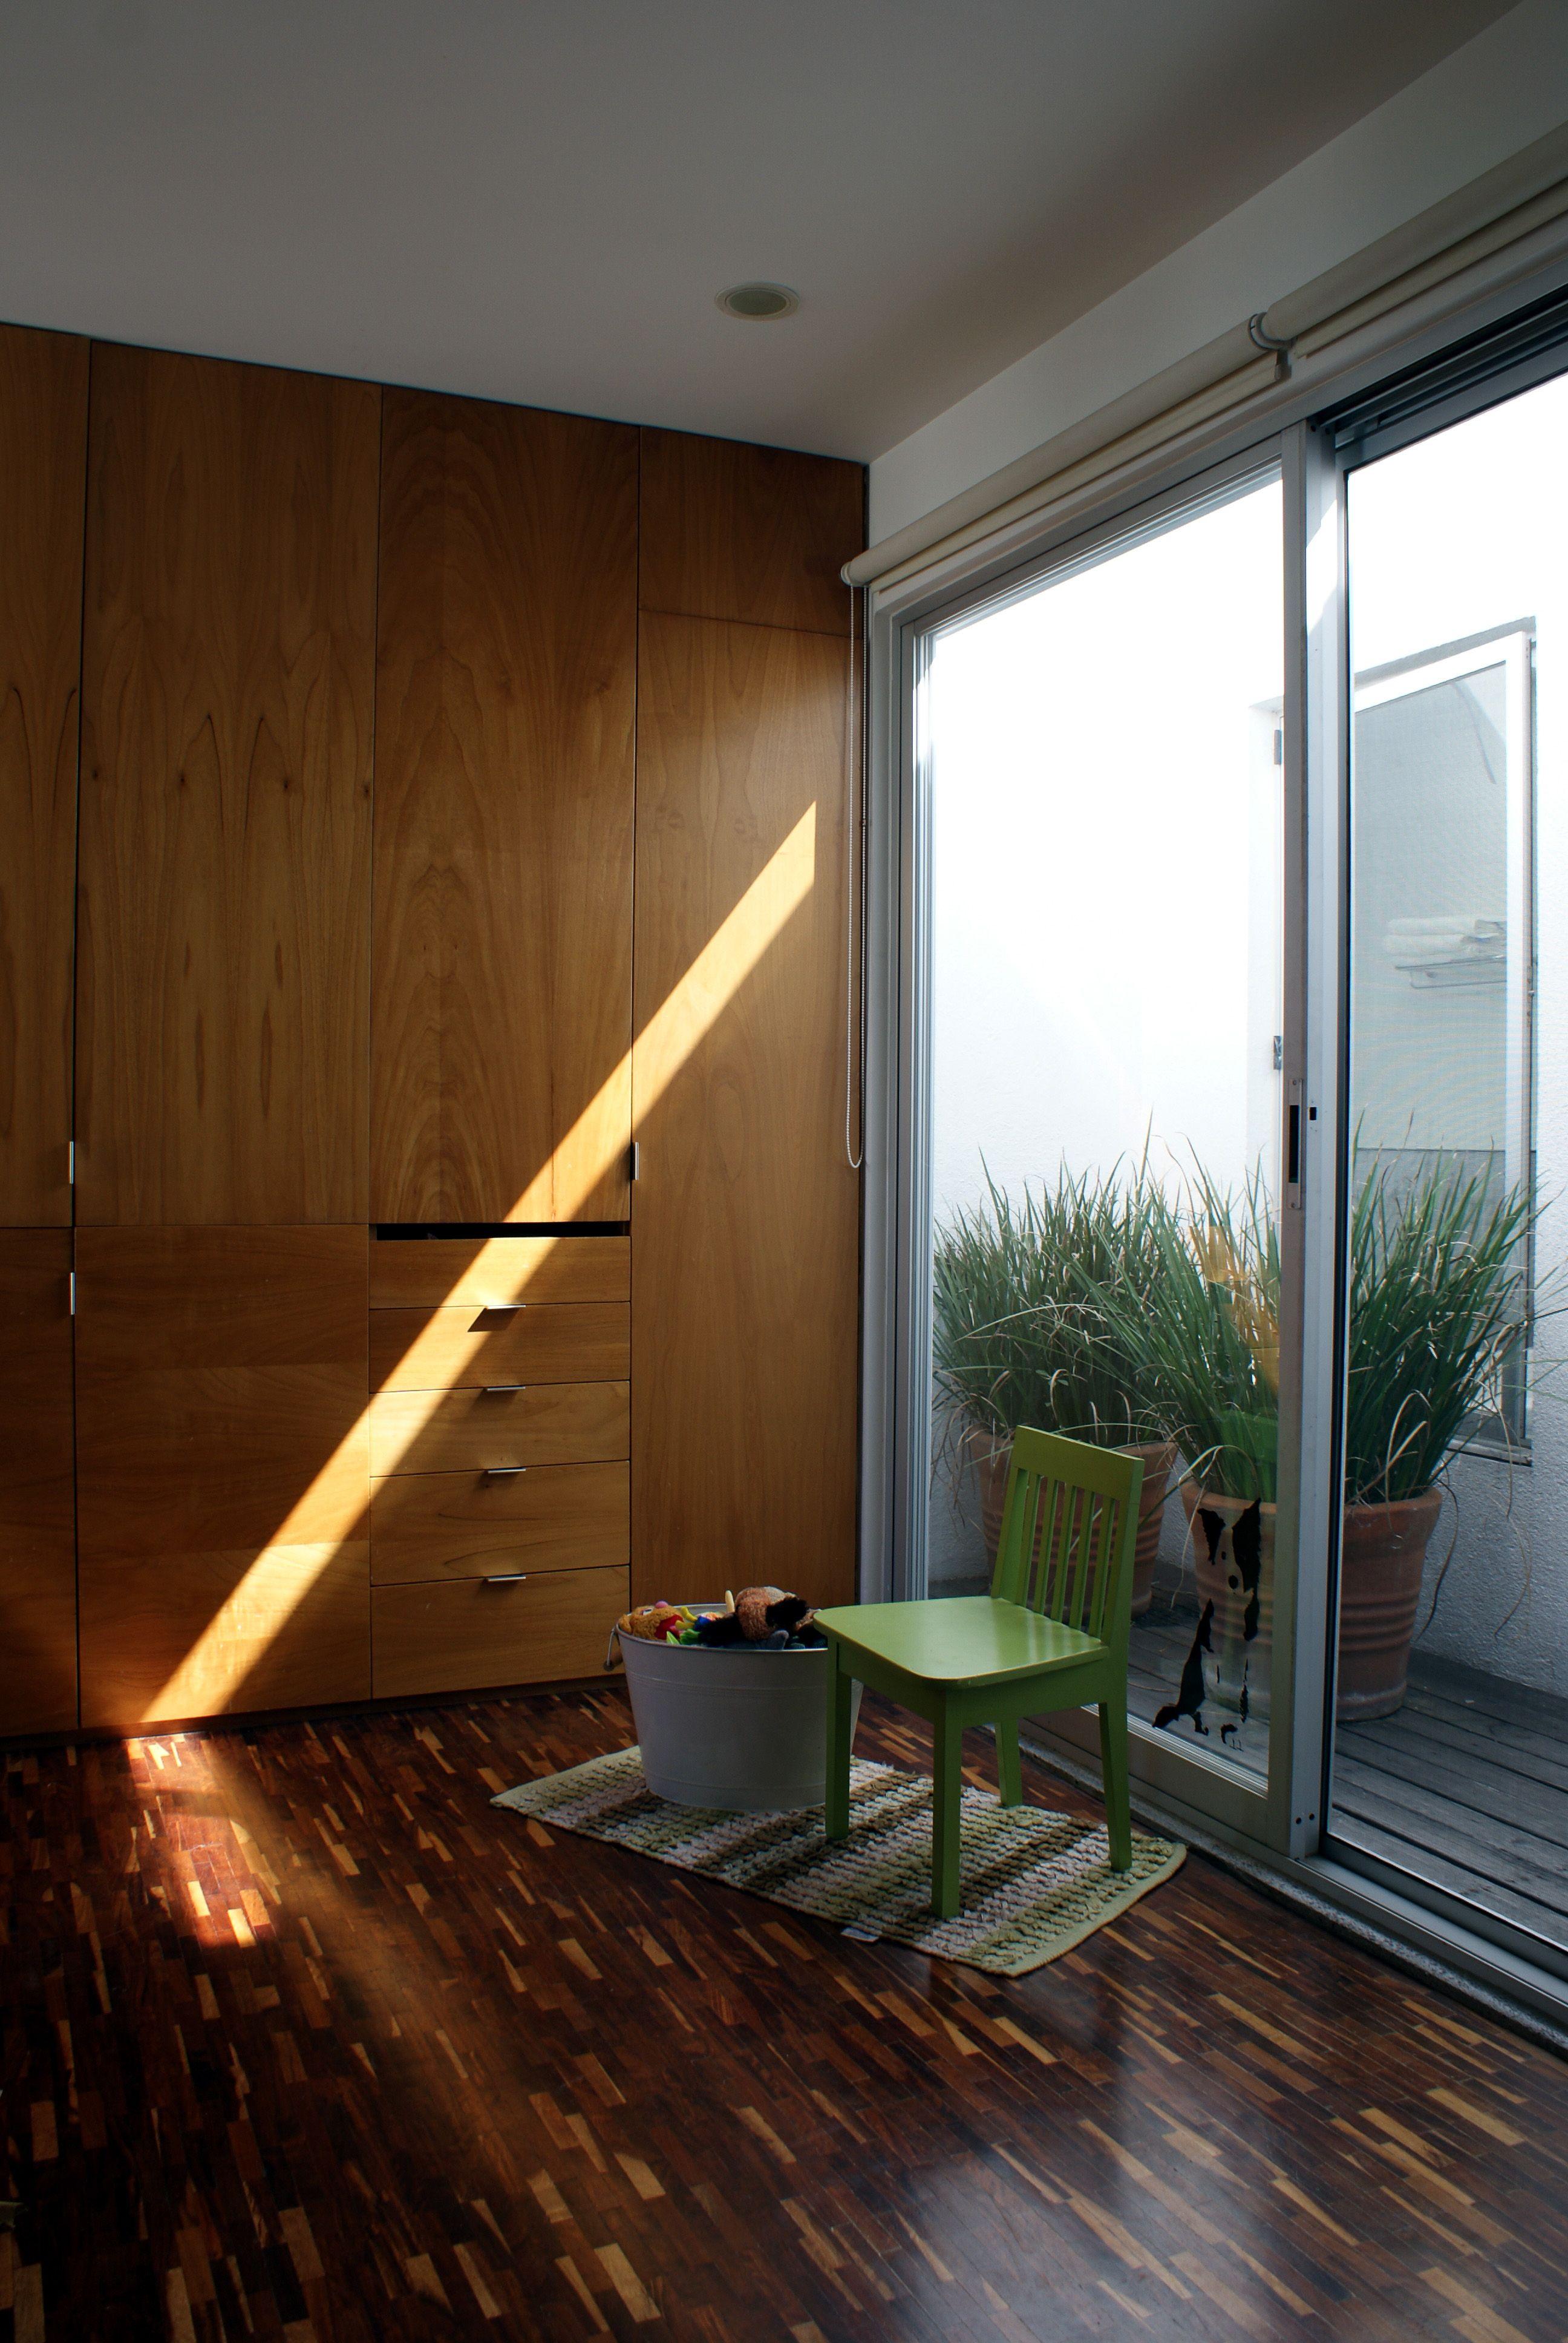 Casa DM | Dionne Arquitectos #design #interior #architecture